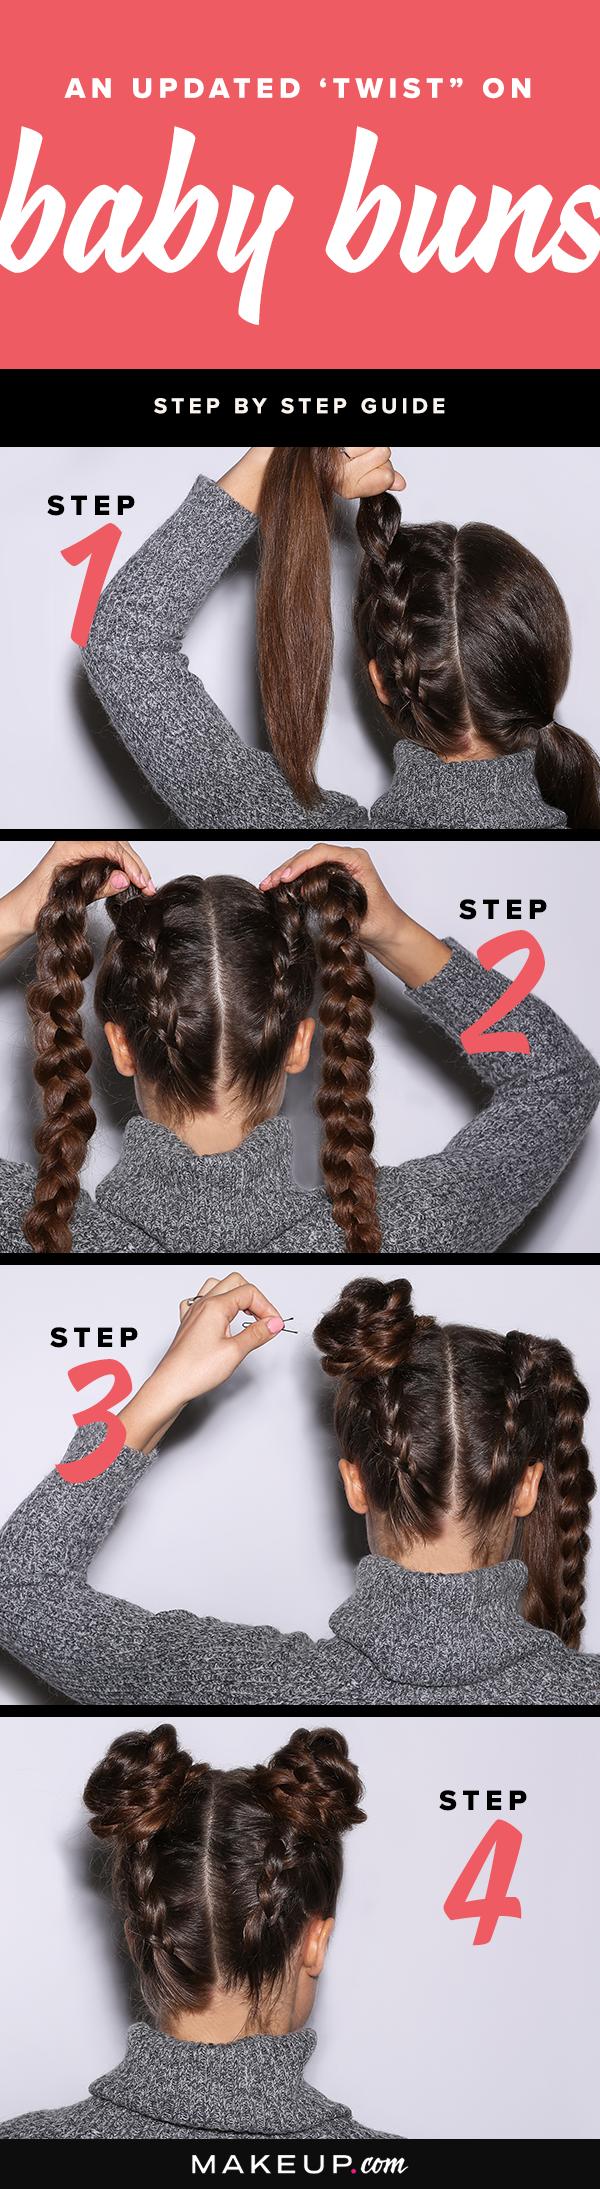 An Updated 'Twist' on Baby Buns #hairtutorials